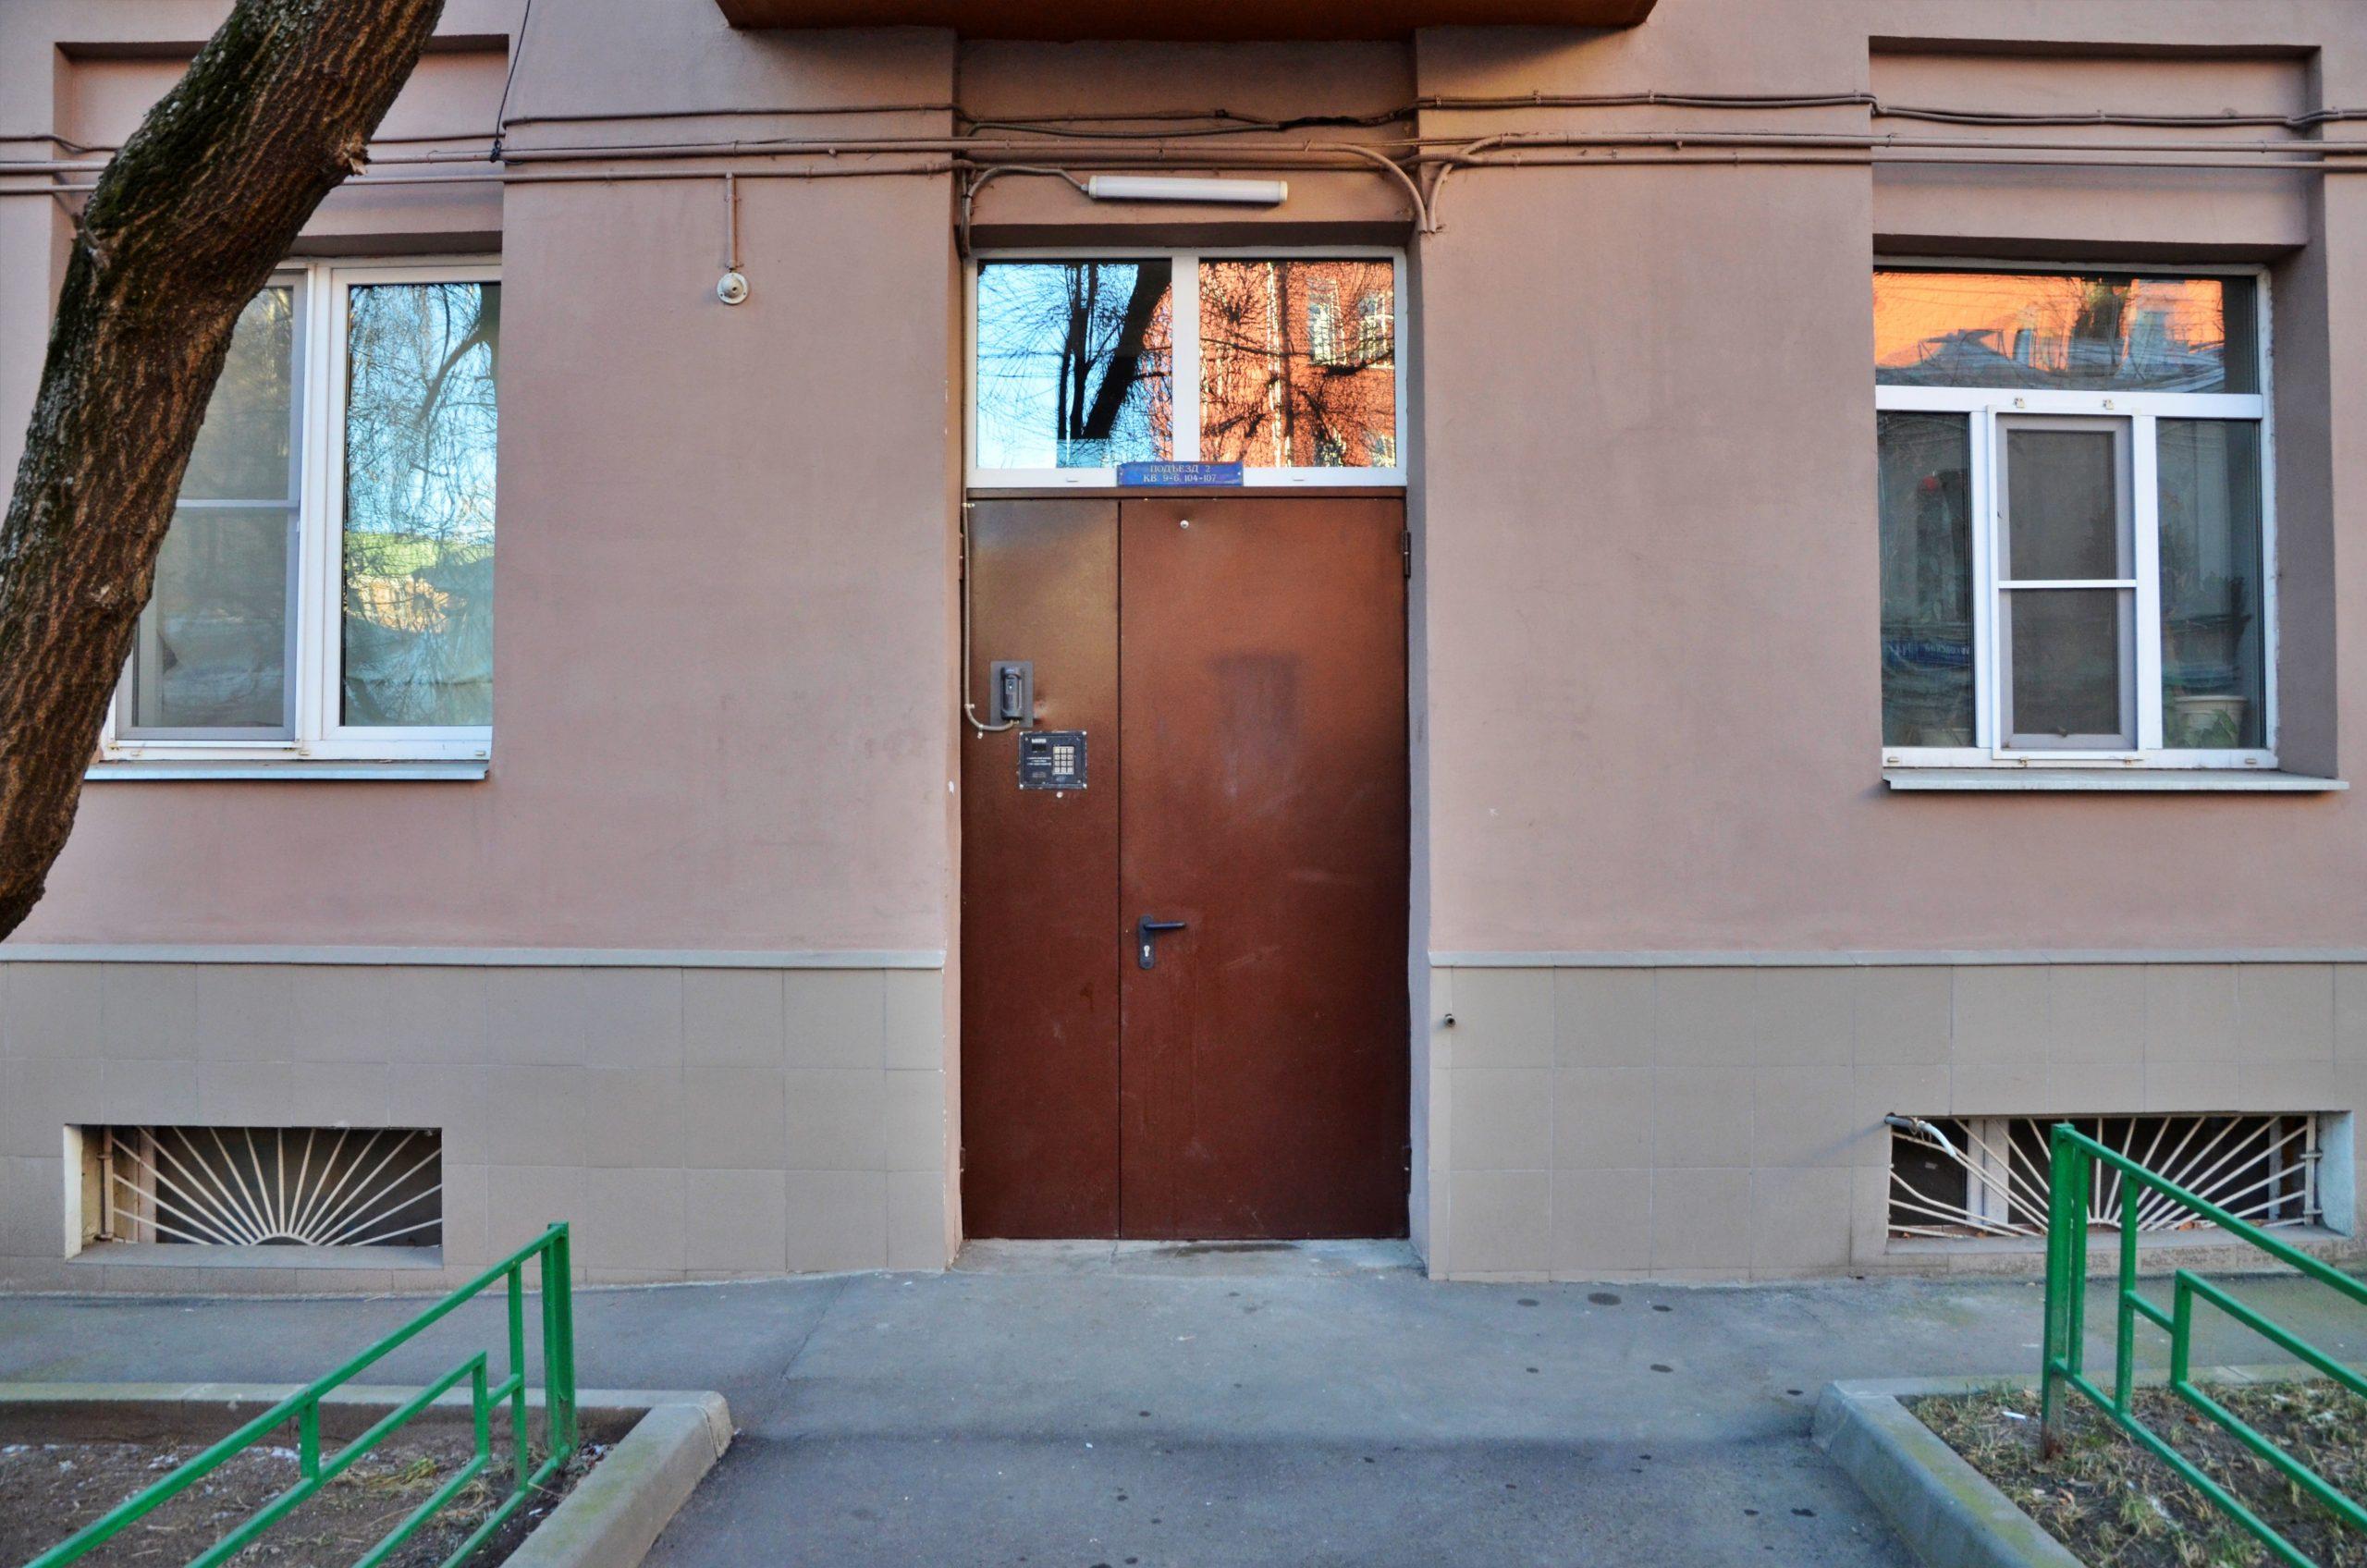 Специалисты завершили часть работ по ремонту фасада в одном из домов Десеновского